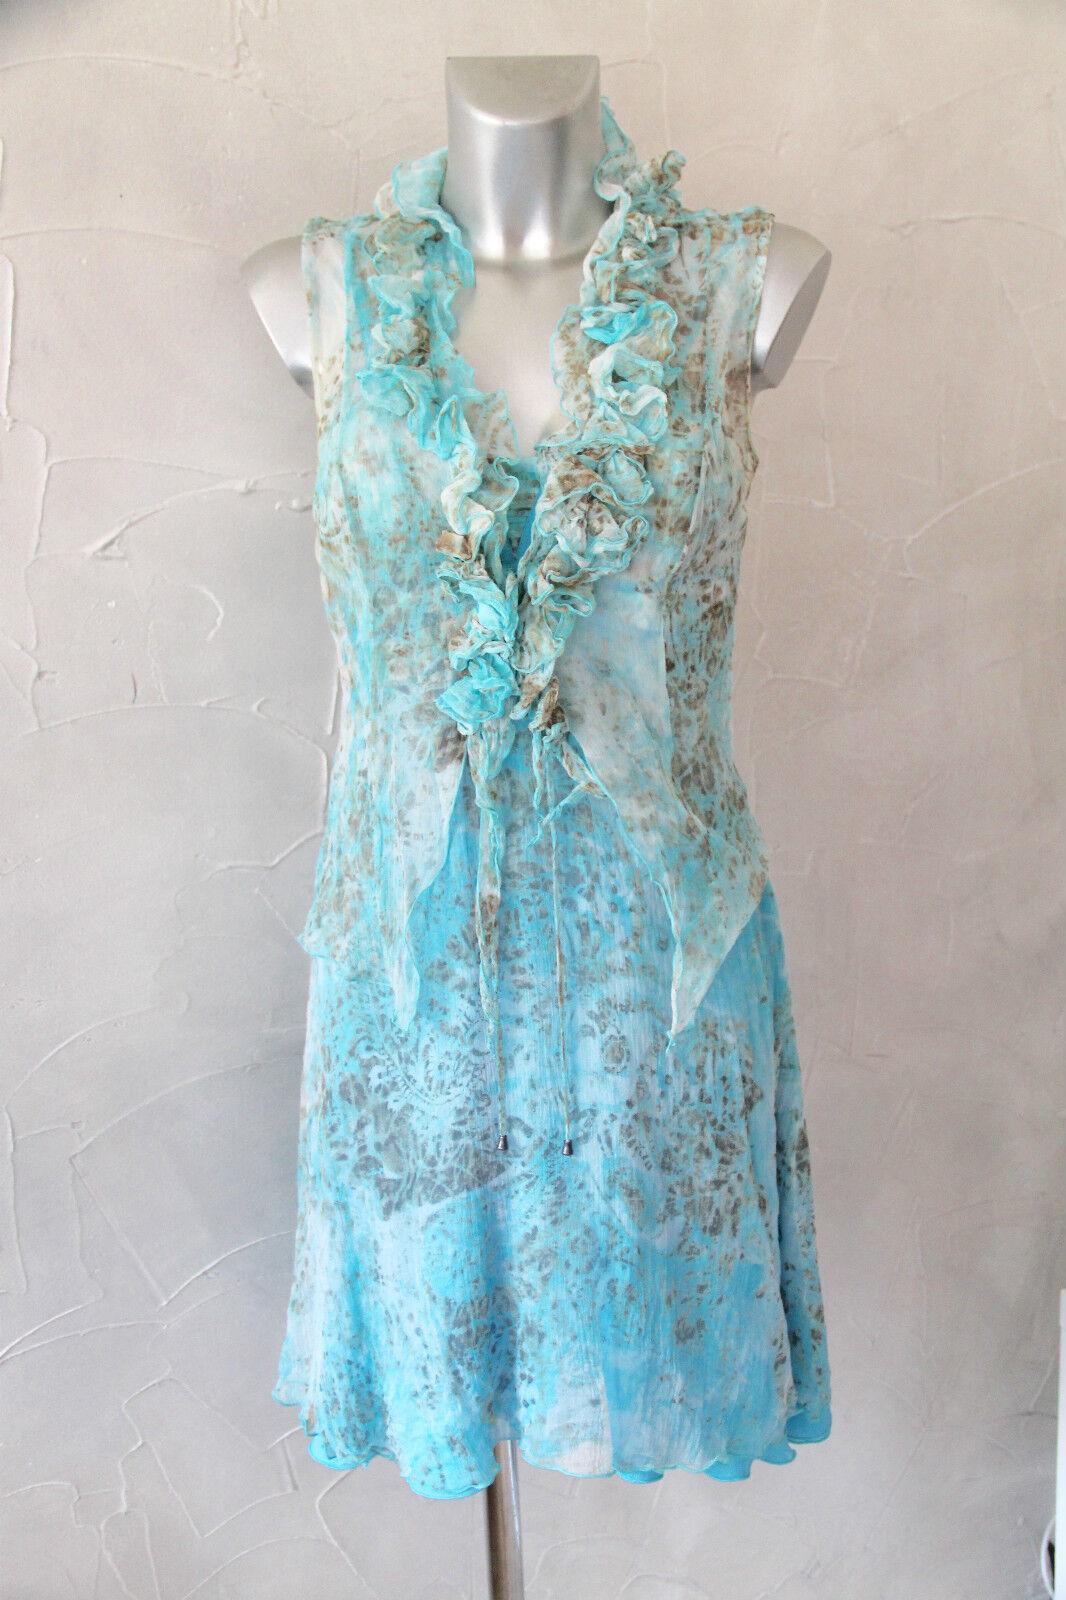 Luxuriöse Kleid Gefüttert Neutral Weiß Seide Türkis + Top Ikito Größe 36 (I 40)